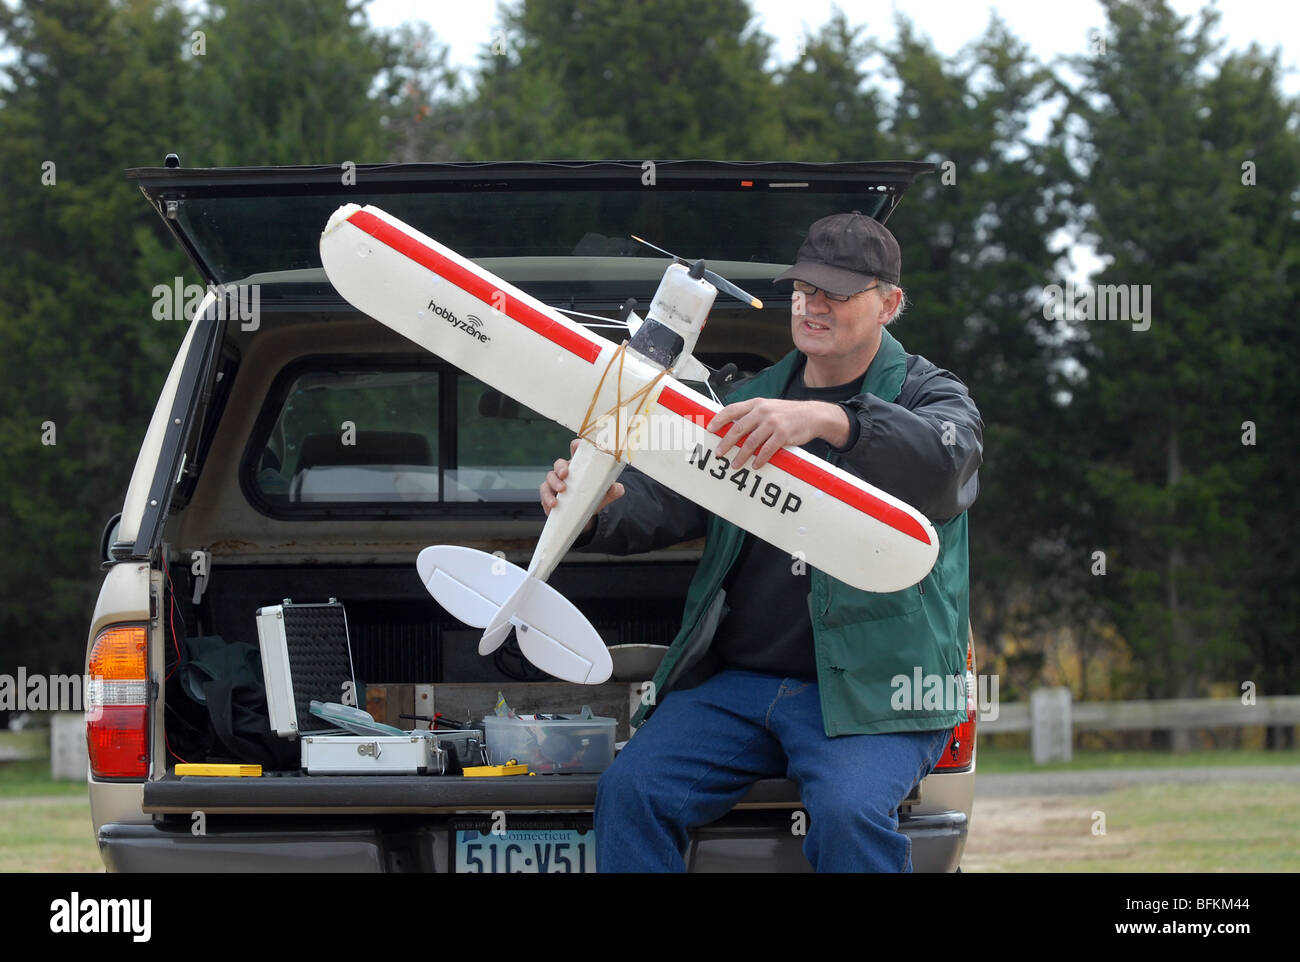 Un homme travaille sur son modèle réduit d'avion qu'il pilotait à Hammonasset Beach State Photo Stock